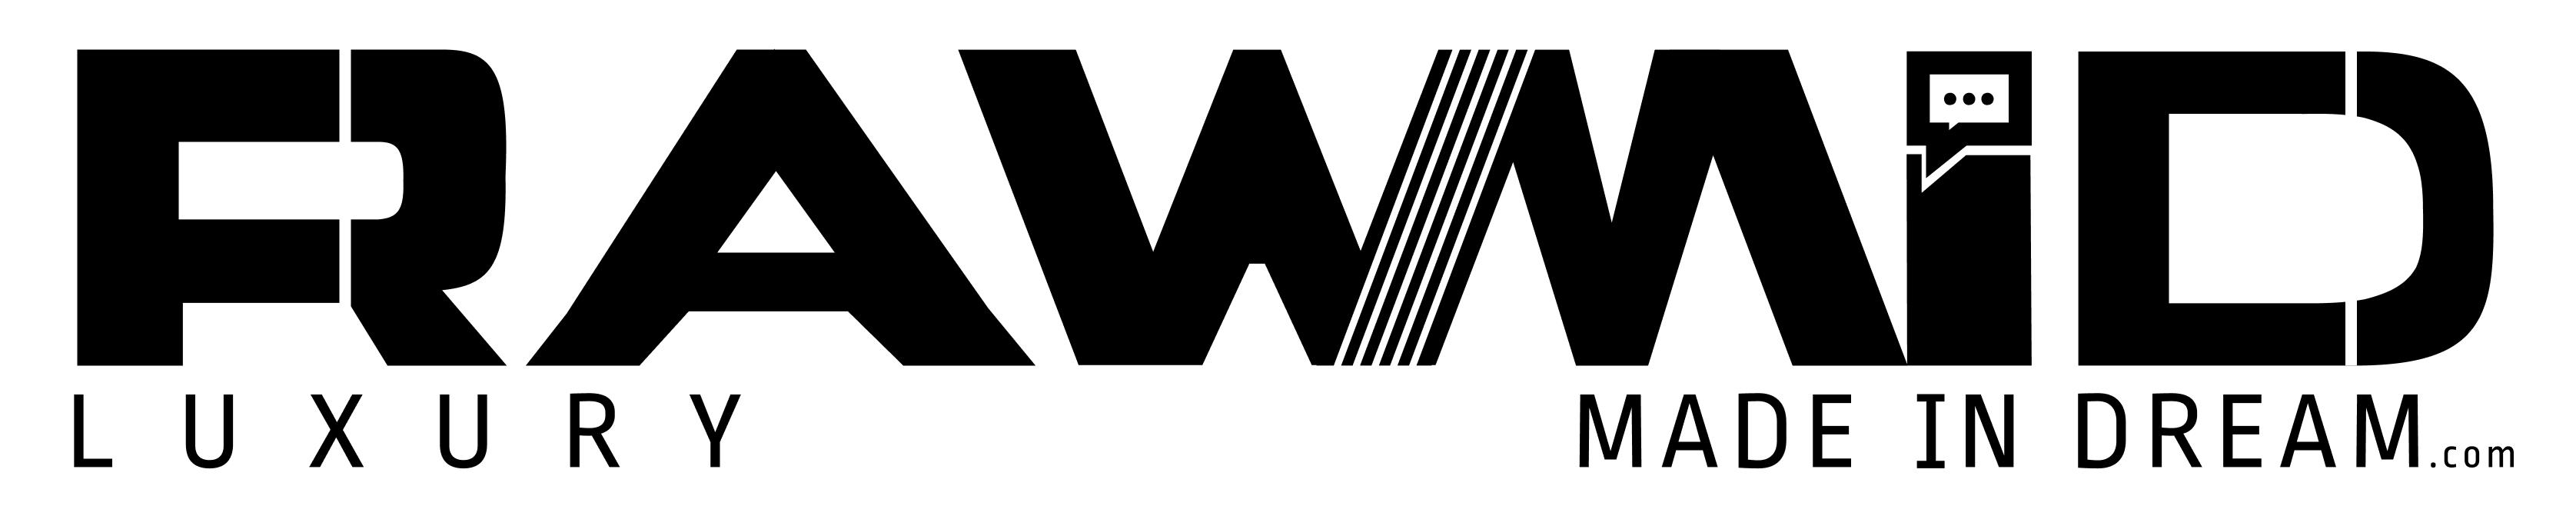 Создать логотип (буквенная часть) для бренда бытовой техники фото f_9635b35c103df15e.jpg